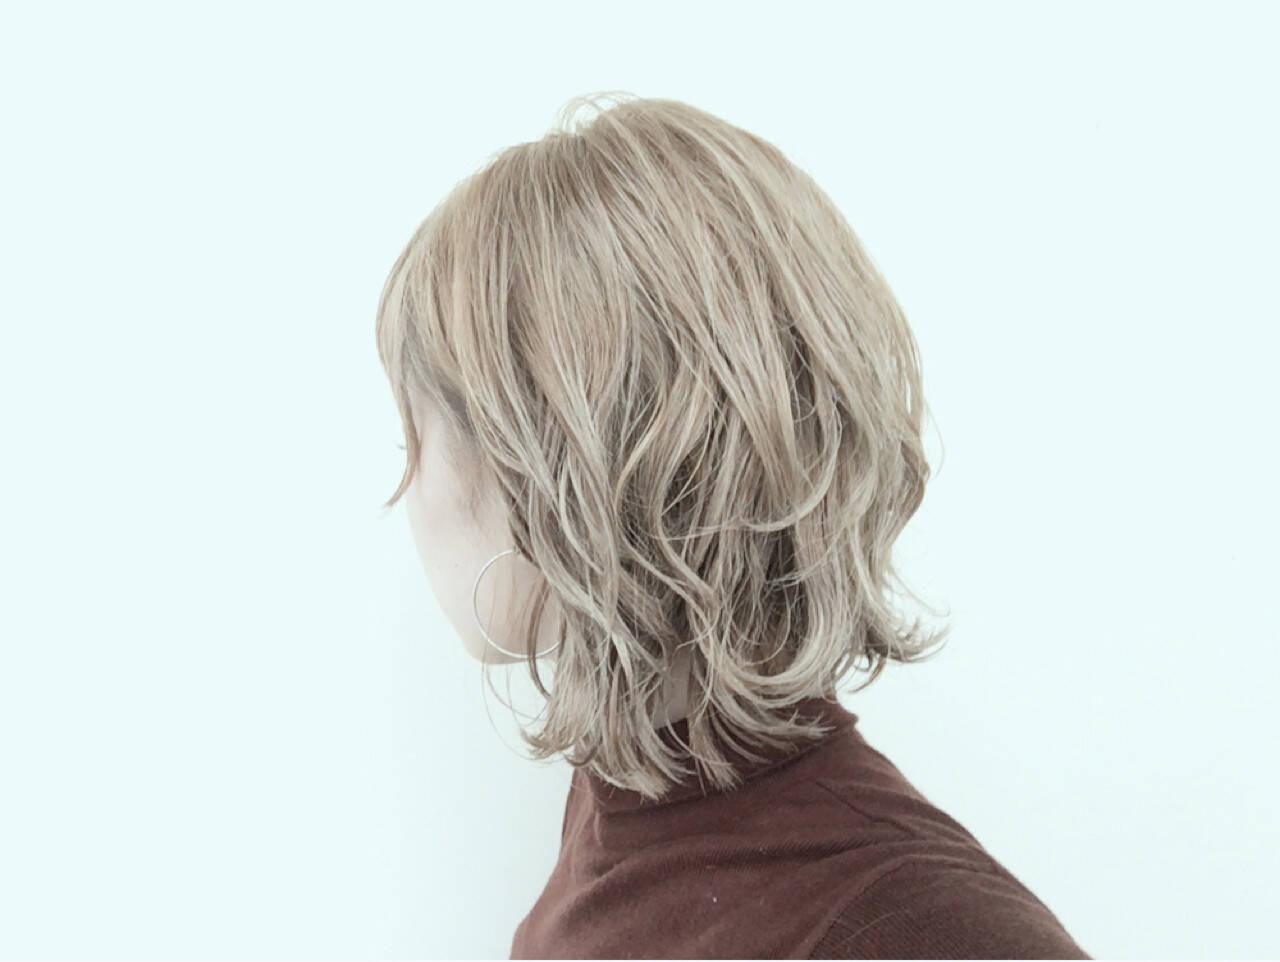 ストリート 抜け感 ベージュ ショートヘアスタイルや髪型の写真・画像